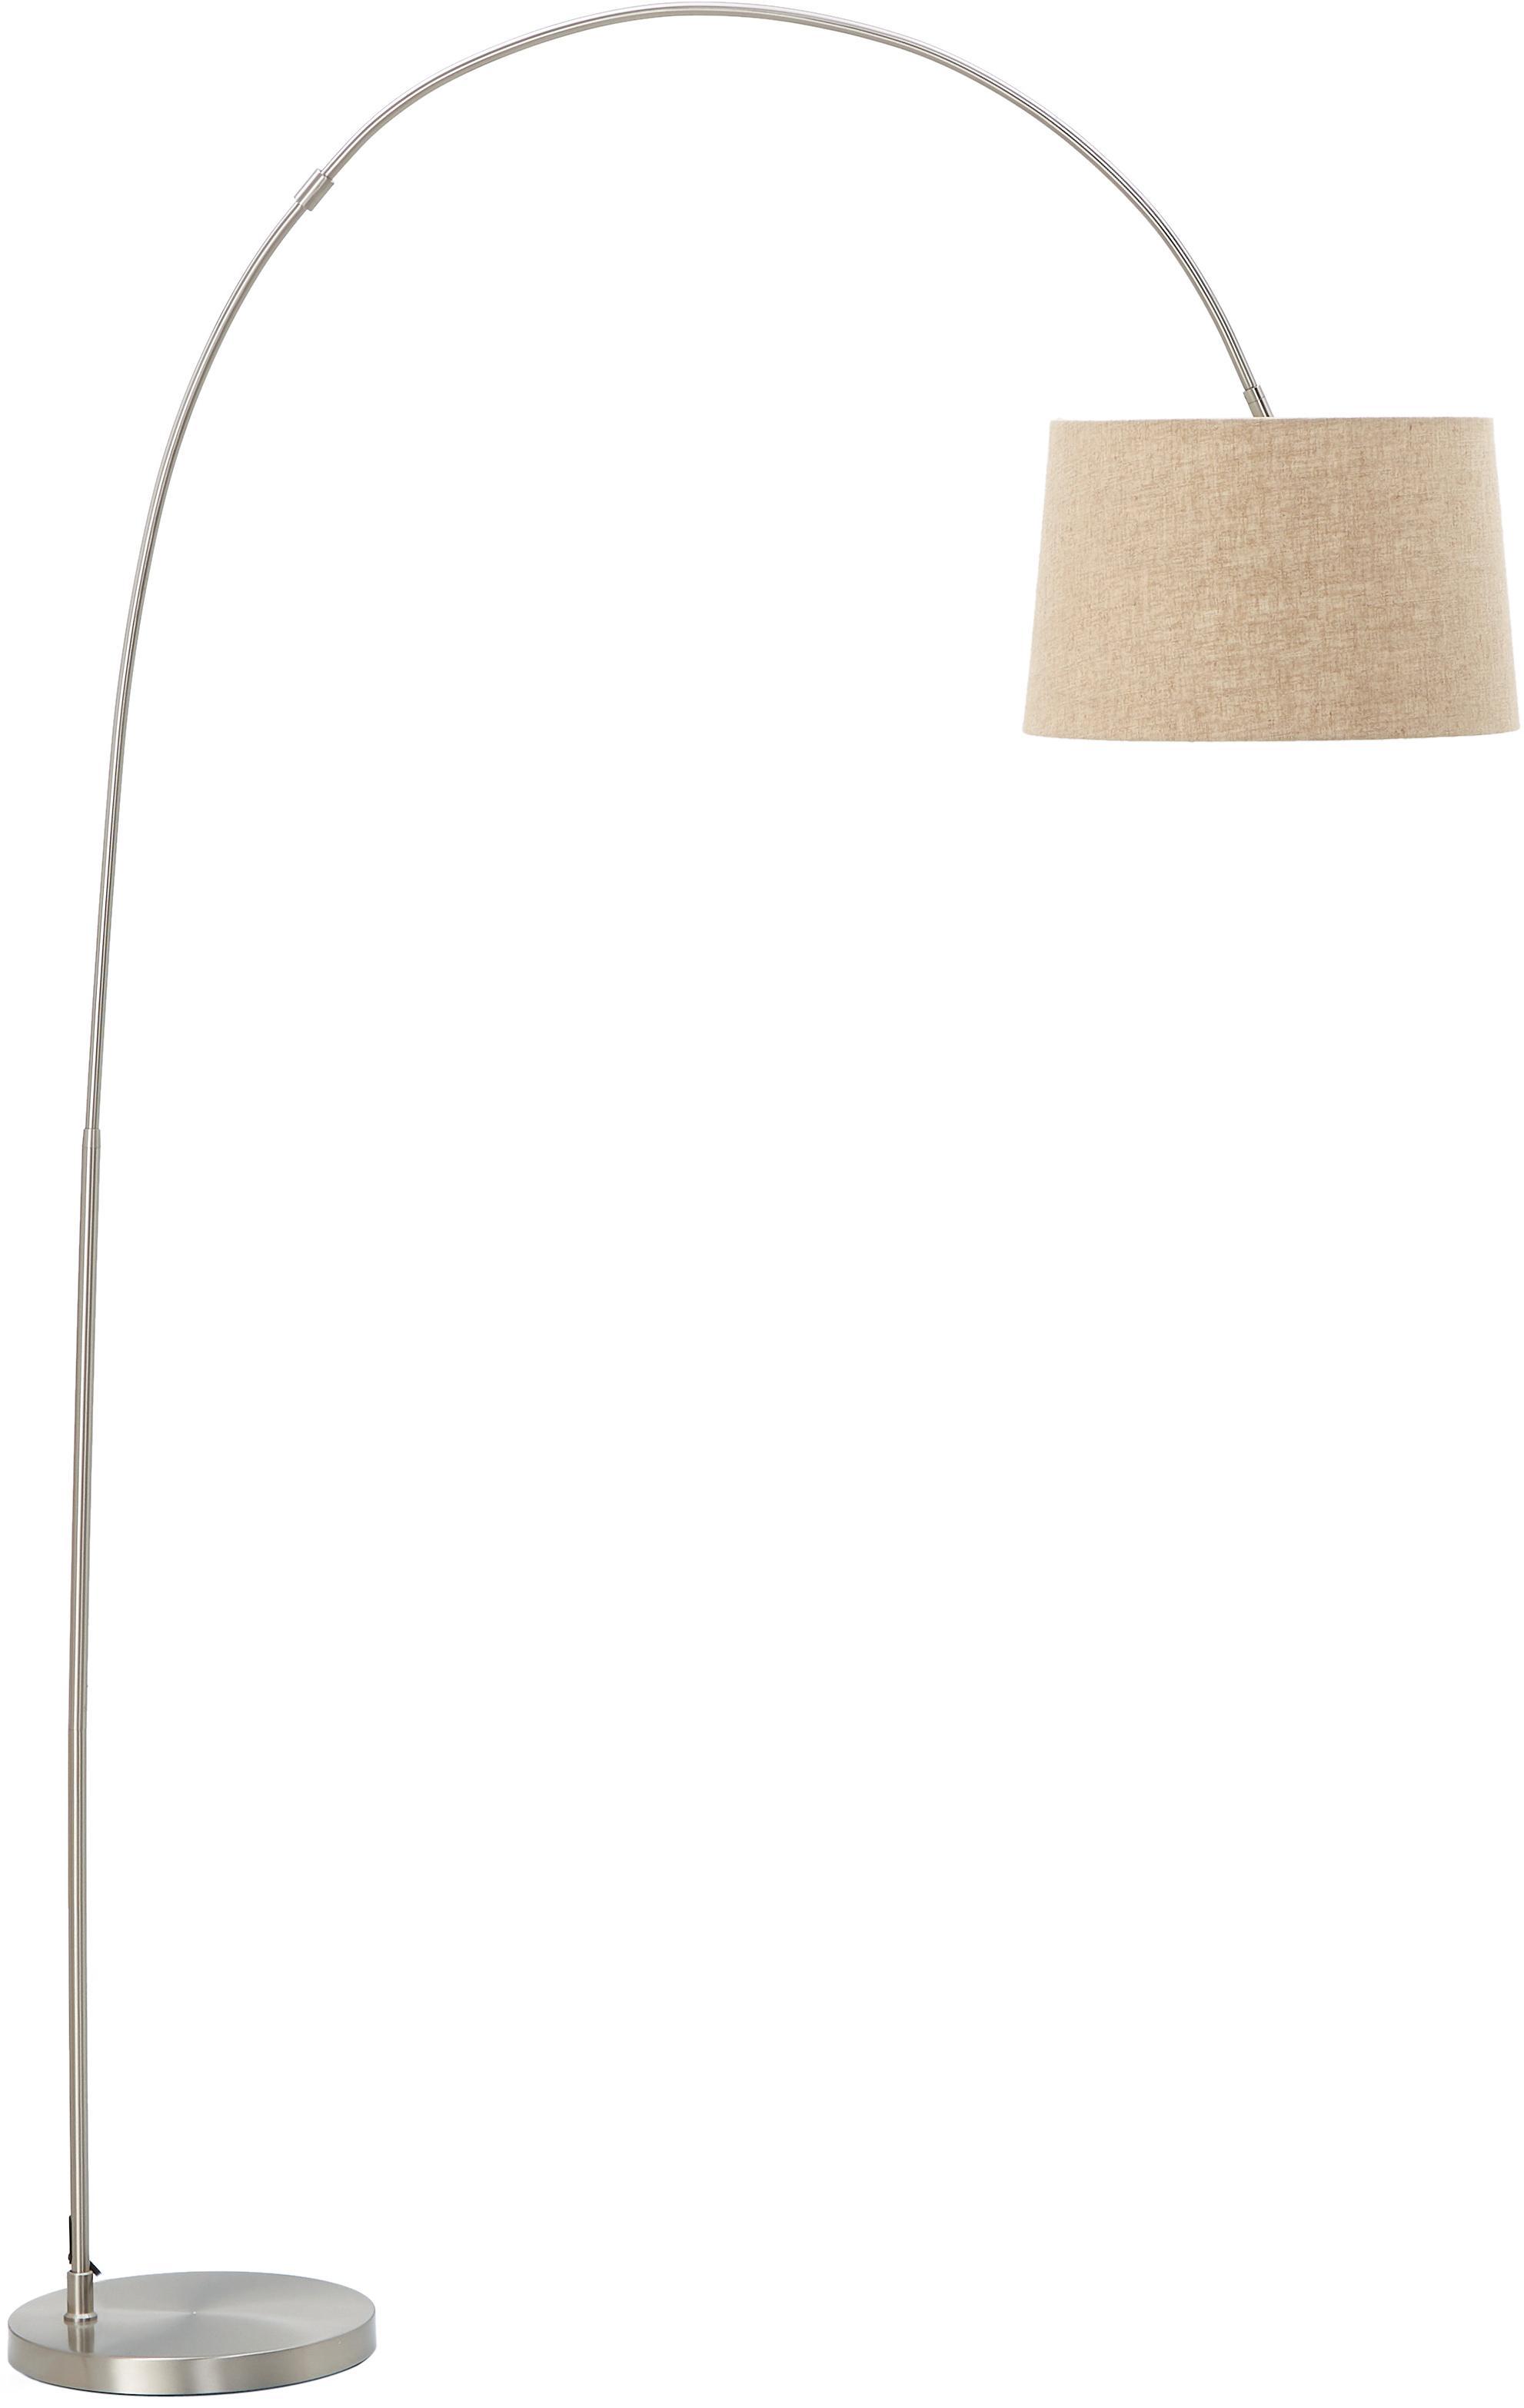 Lampa podłogowa w kształcie łuku Laurence, Beżowy, odcienie srebrnego, ∅ 40 x W 188 cm